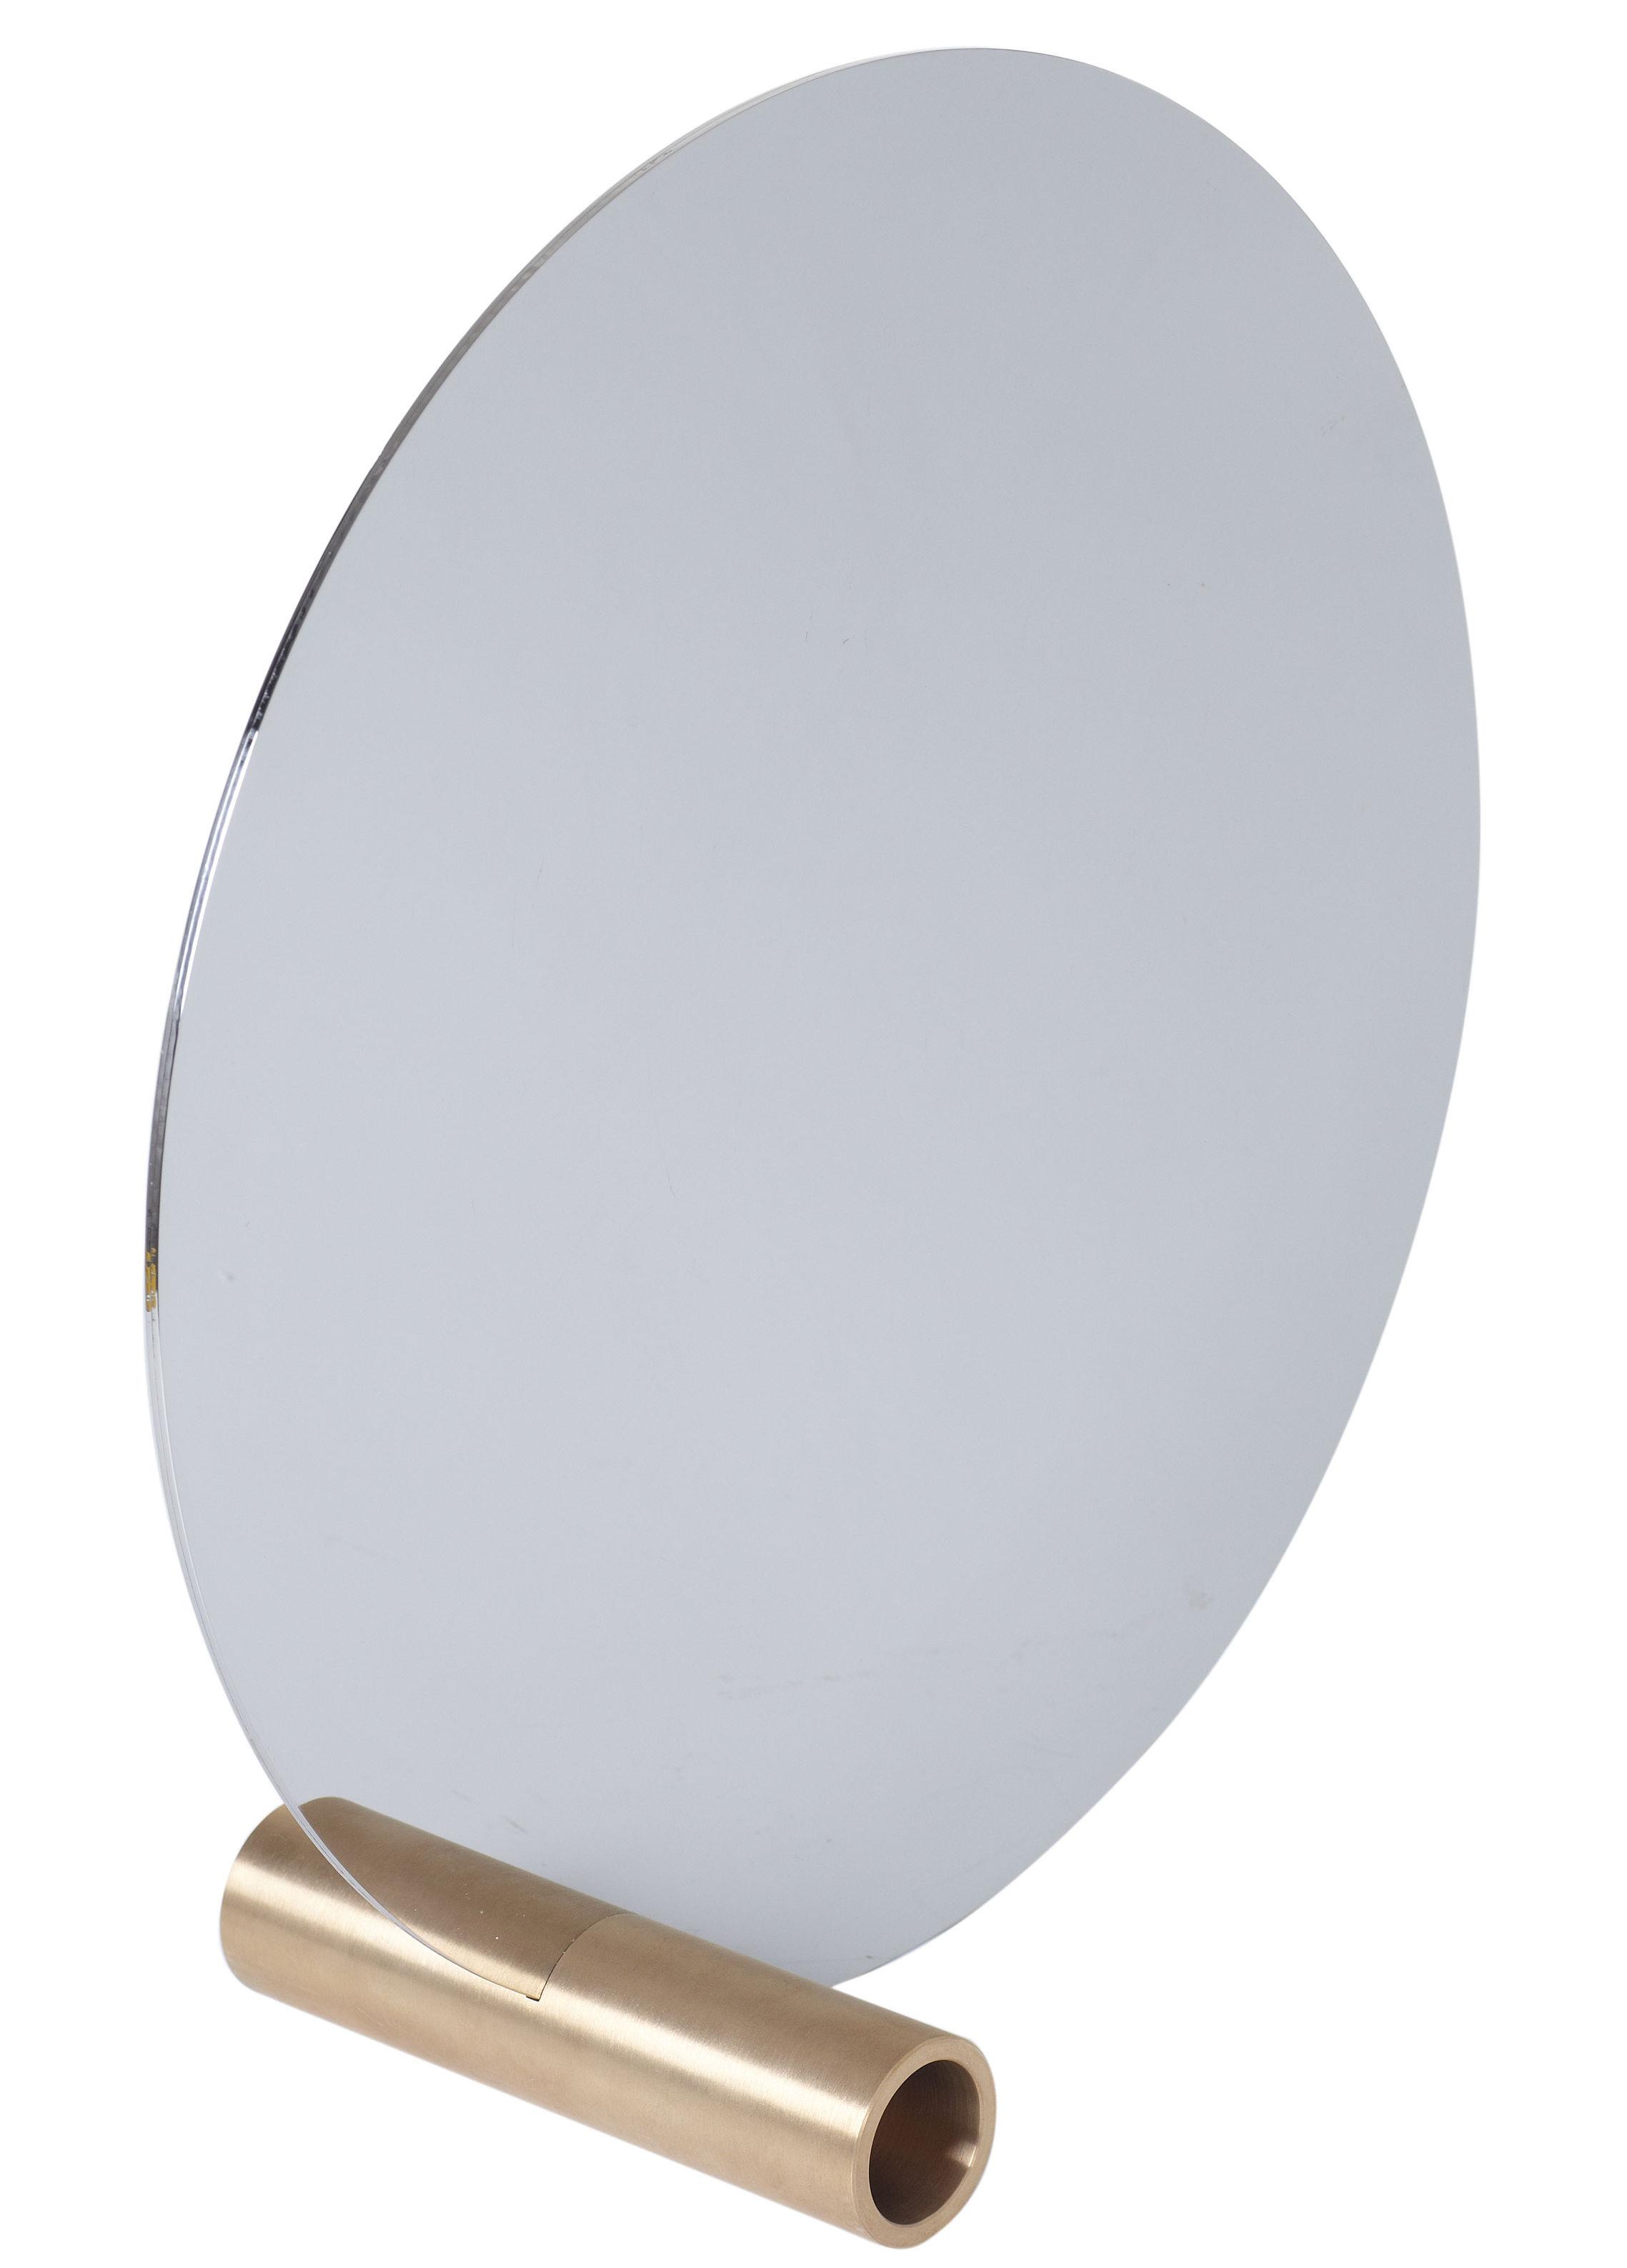 Déco - Miroirs - Miroir à poser Disque / Ø 30 cm - L'atelier d'exercices - Miroir / Base laiton - Inox poli, Laiton massif